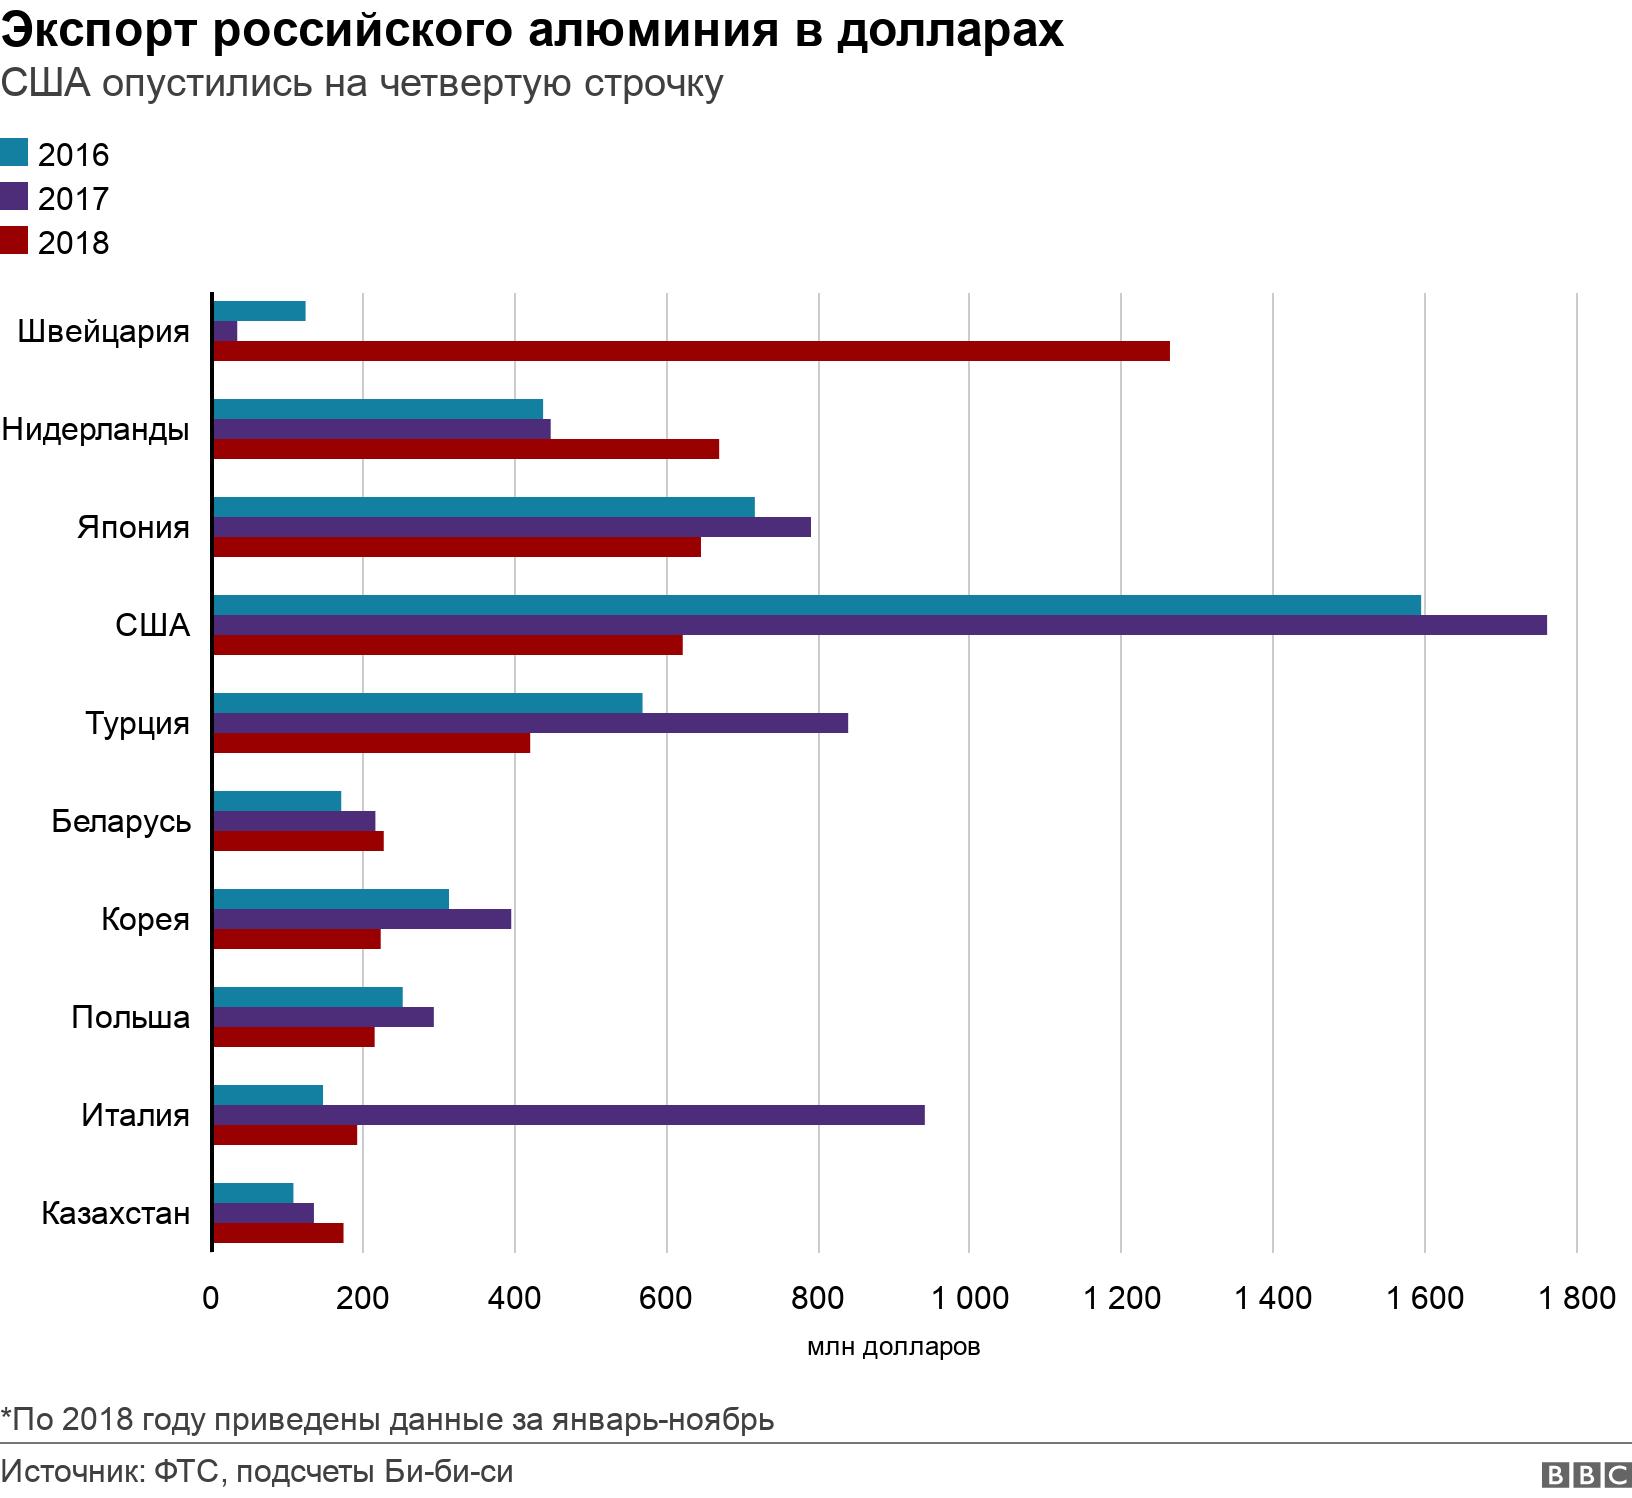 Экспорт российского алюминия в долларах. США опустились на четвертую строчку .  *По 2018 году приведены данные за январь-ноябрь.